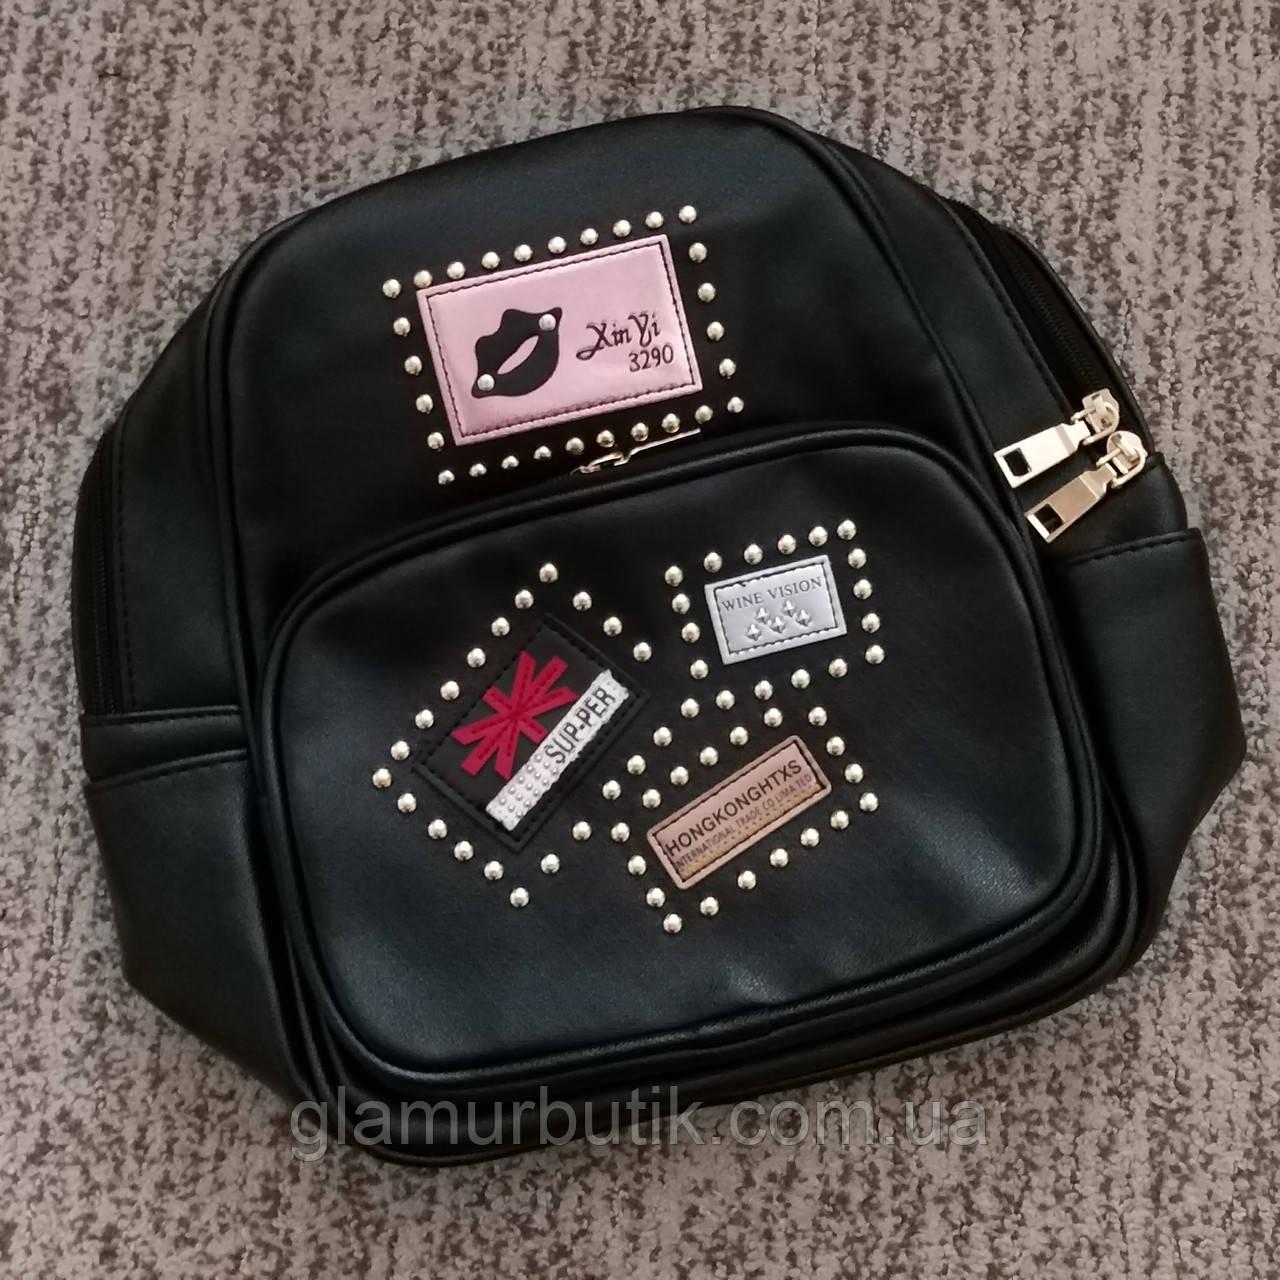 d0f789efd6c3 Новинка Хит! Стильный красивый женский рюкзак с нашивками Губки и  заклепками чёрный, фото 1